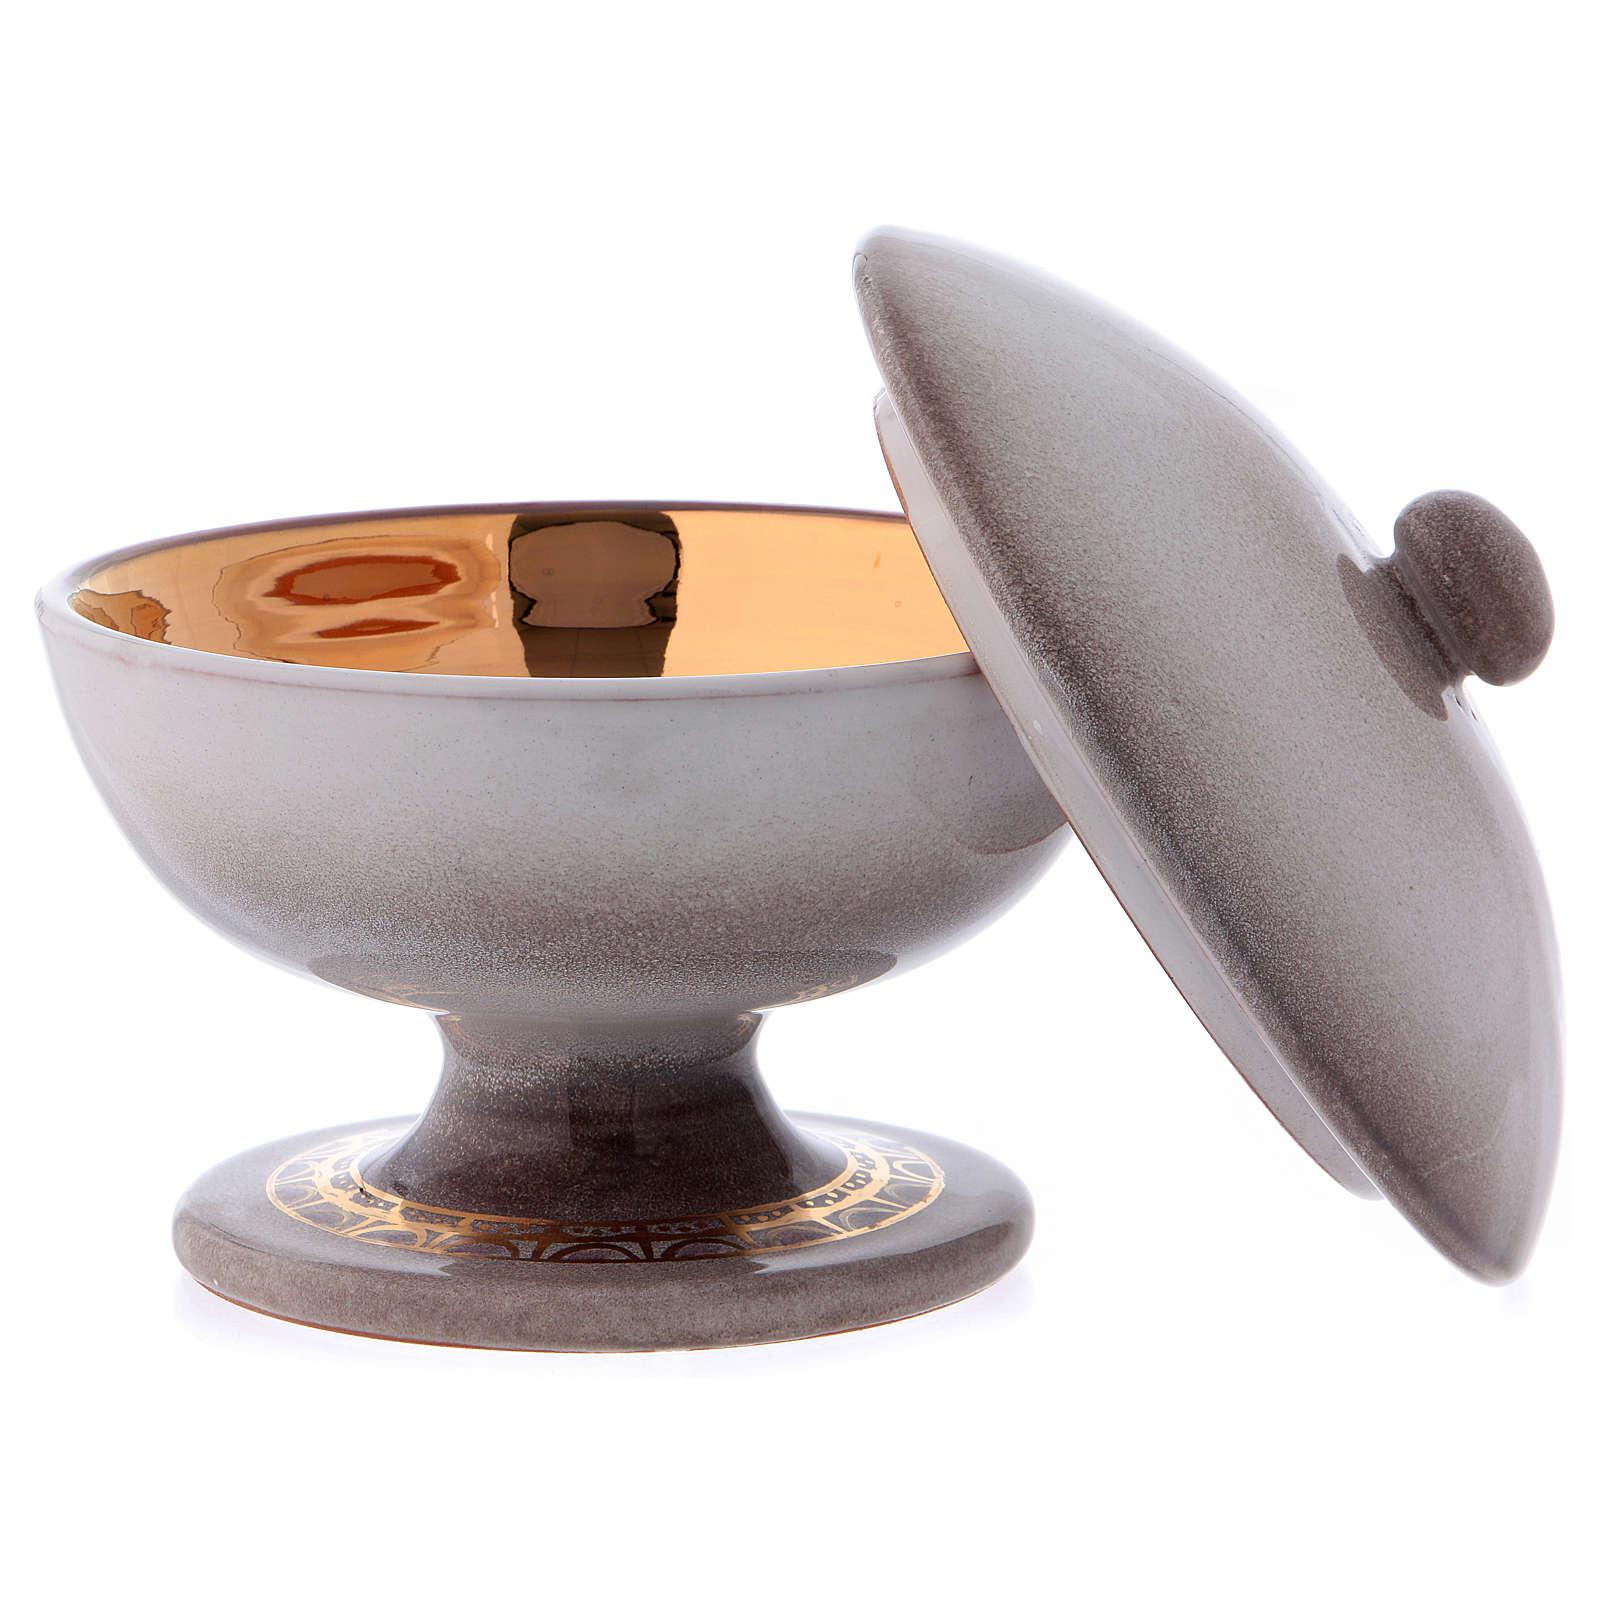 Ciborium Keramik perlfarben 4